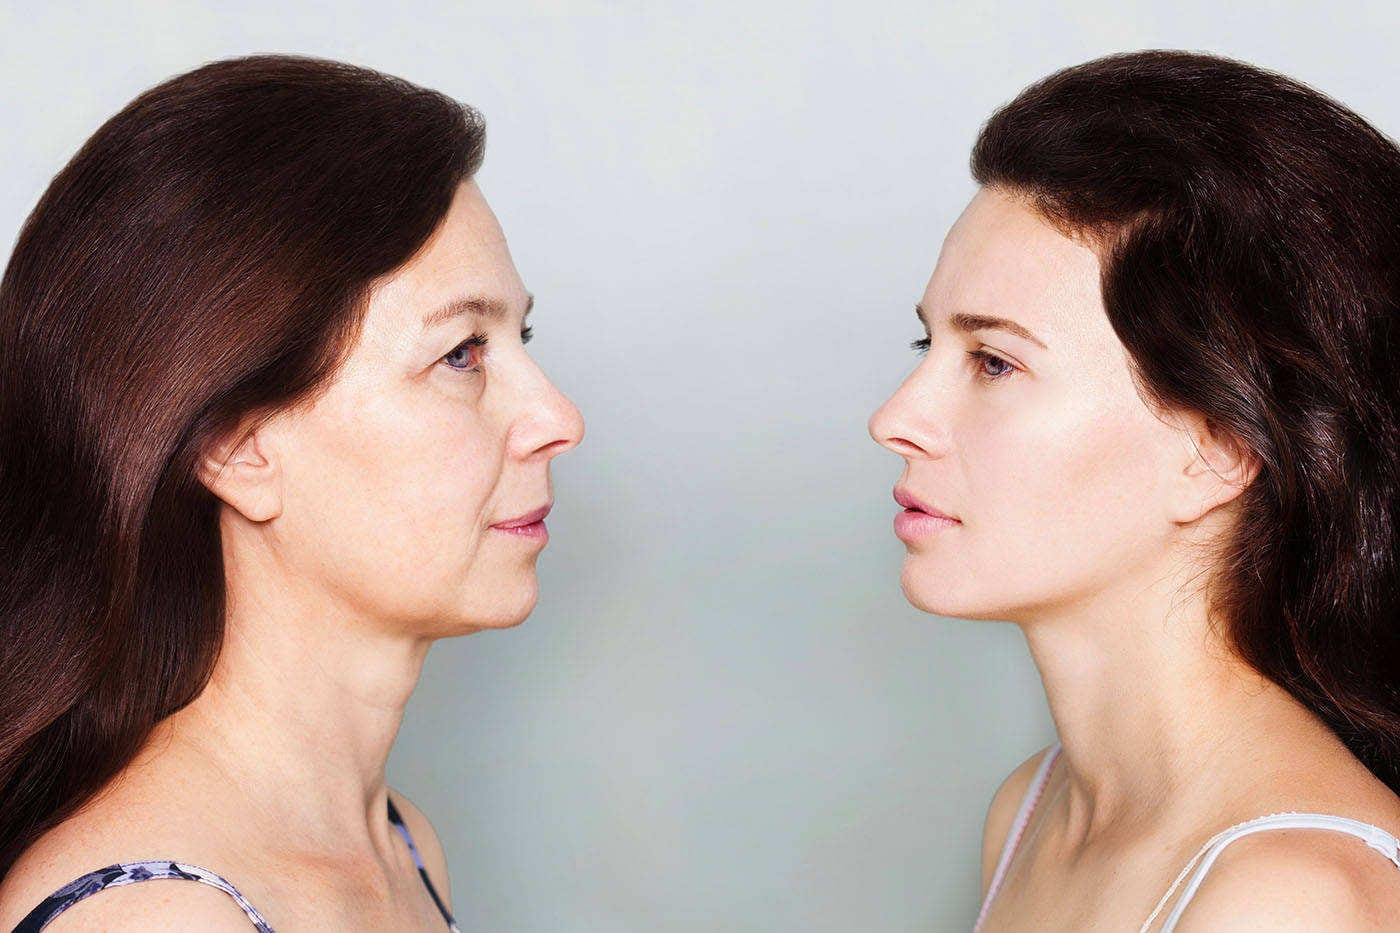 Îmbătrânirea poate începe mult mai devreme de 60 de ani [studiu]